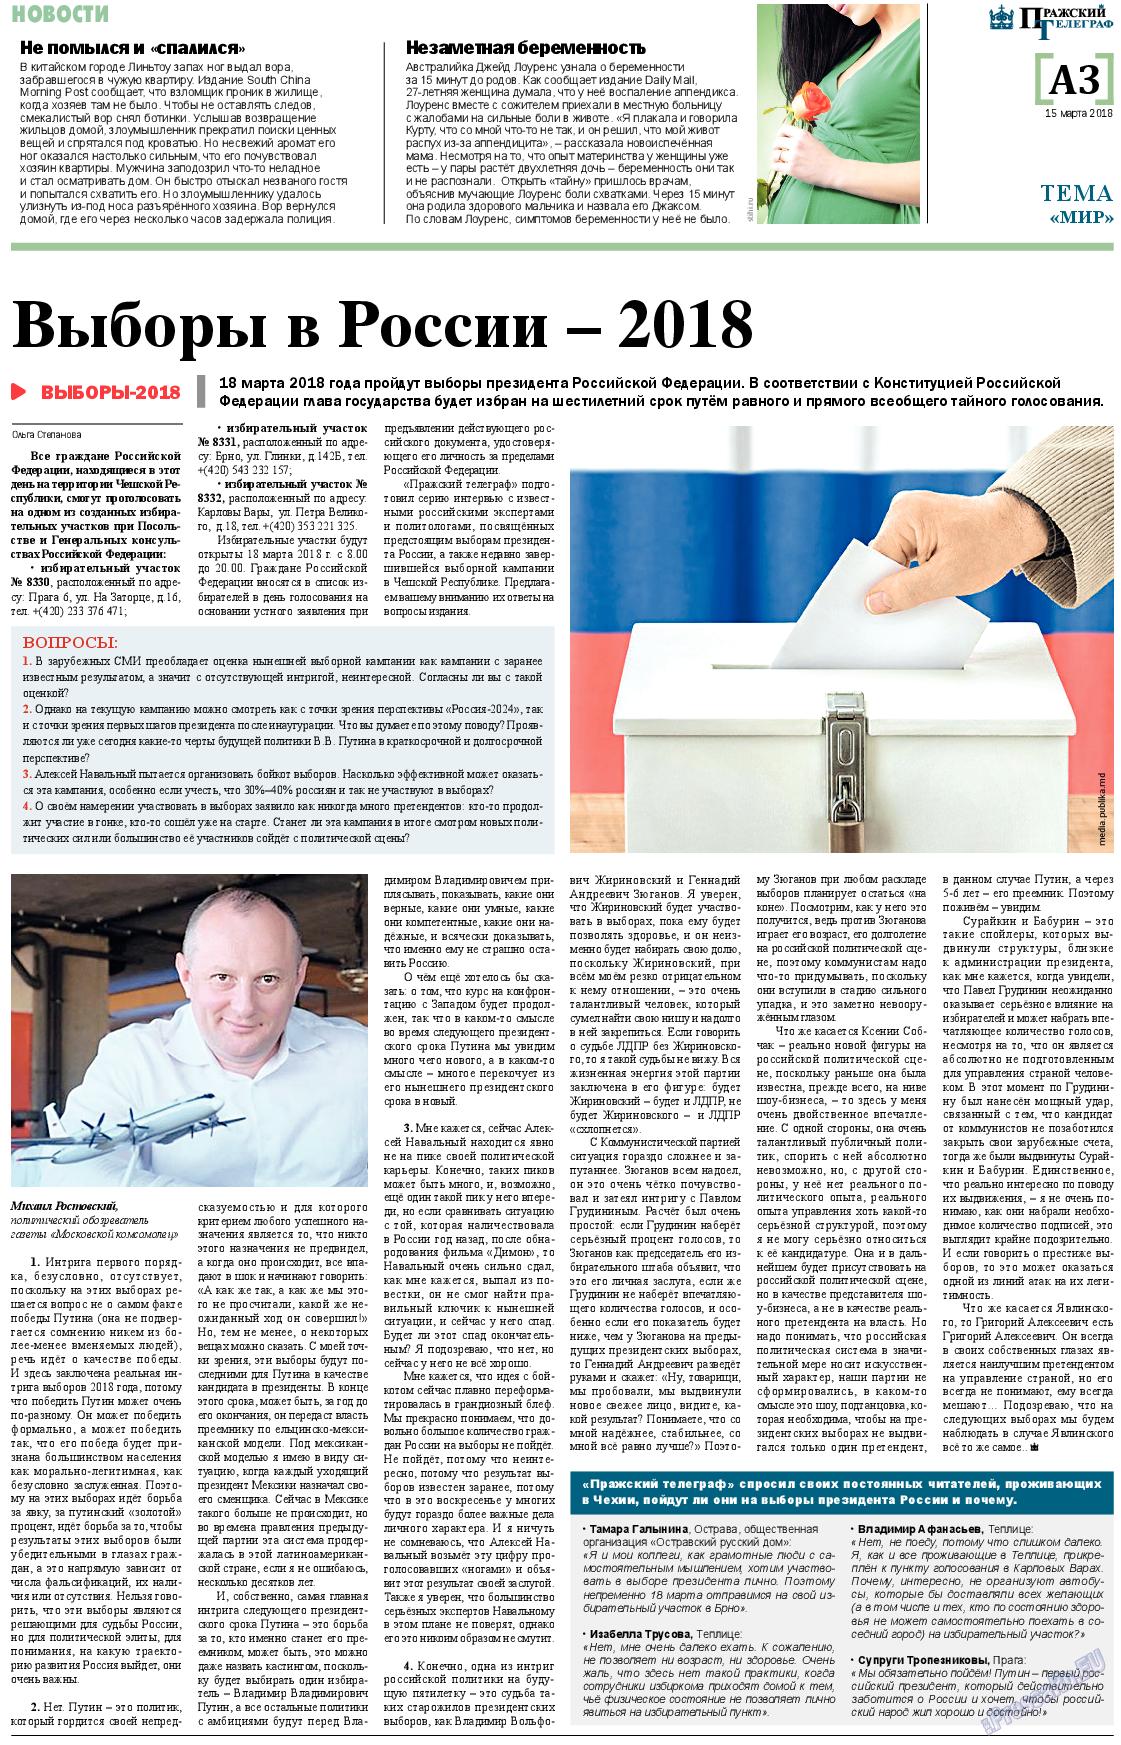 Пражский телеграф (газета). 2018 год, номер 11, стр. 3